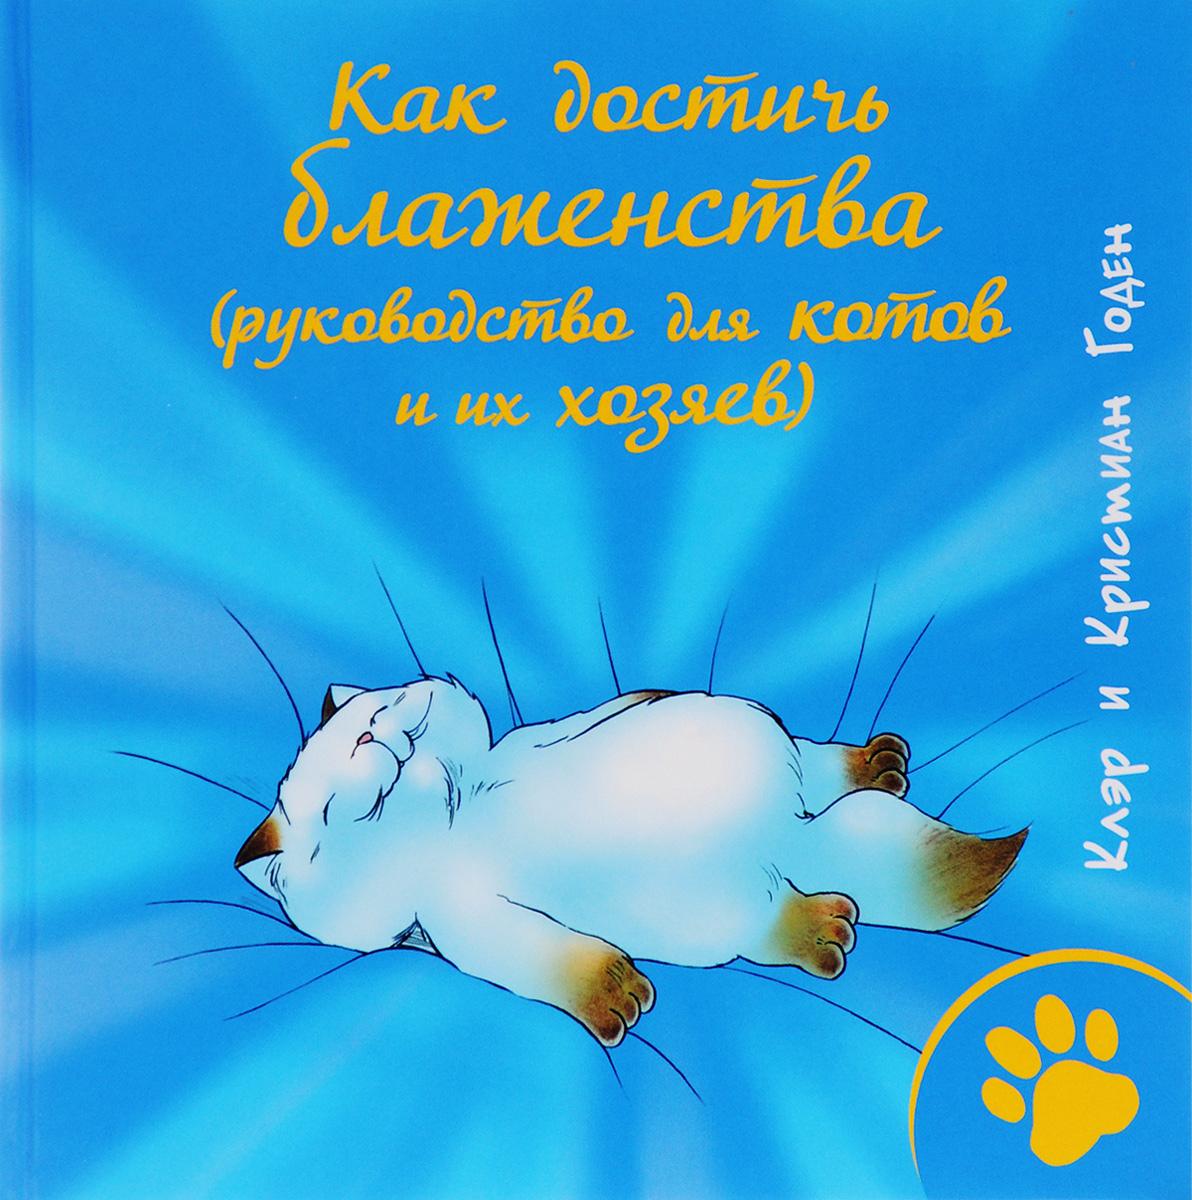 Как достичь блаженства (руководство для кошек и их хозяев)